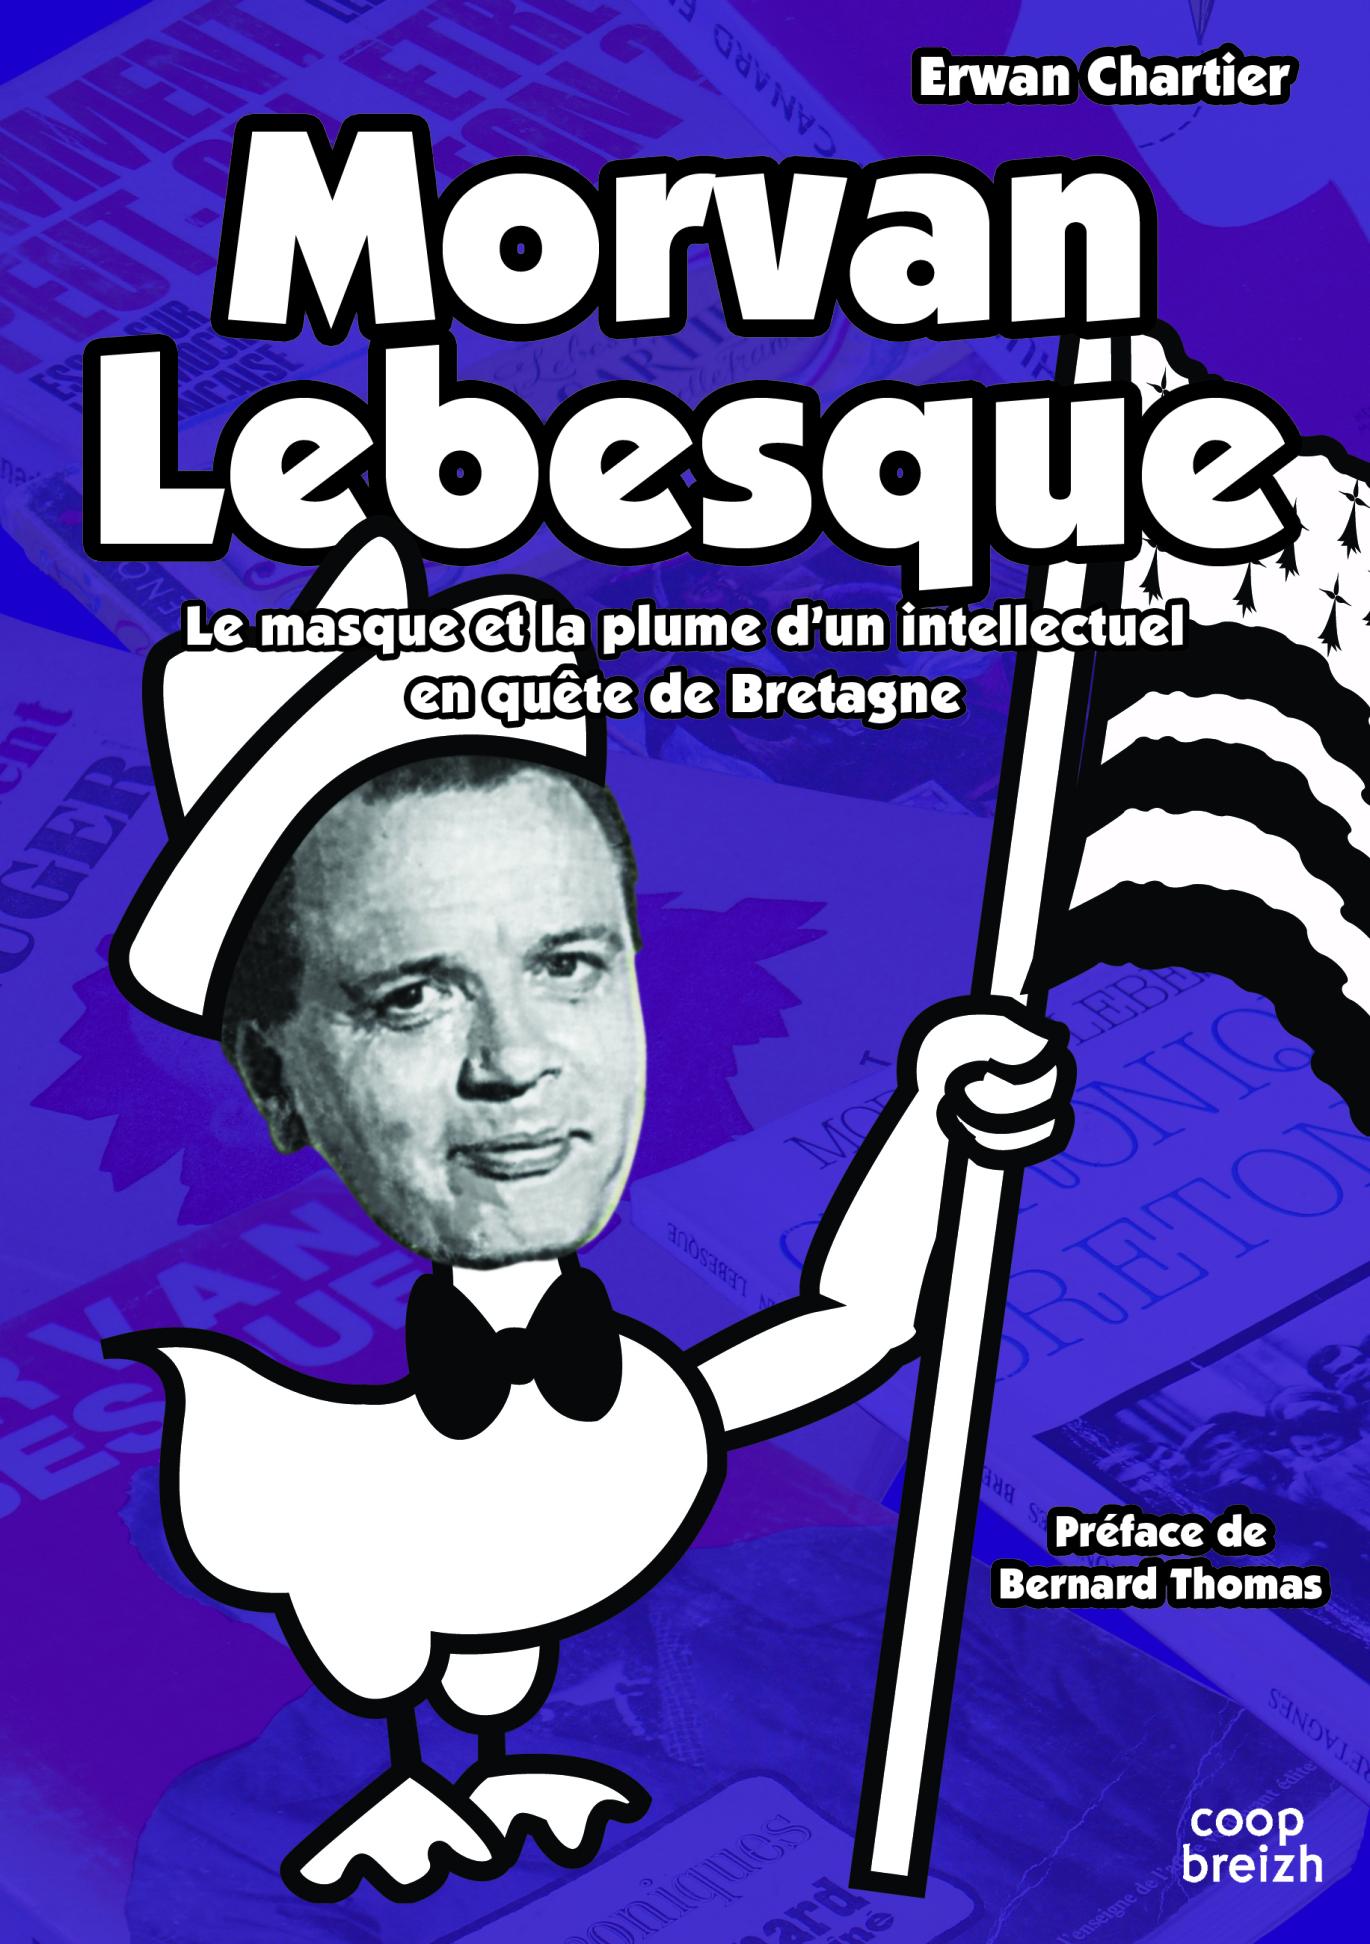 chartier_lebesque